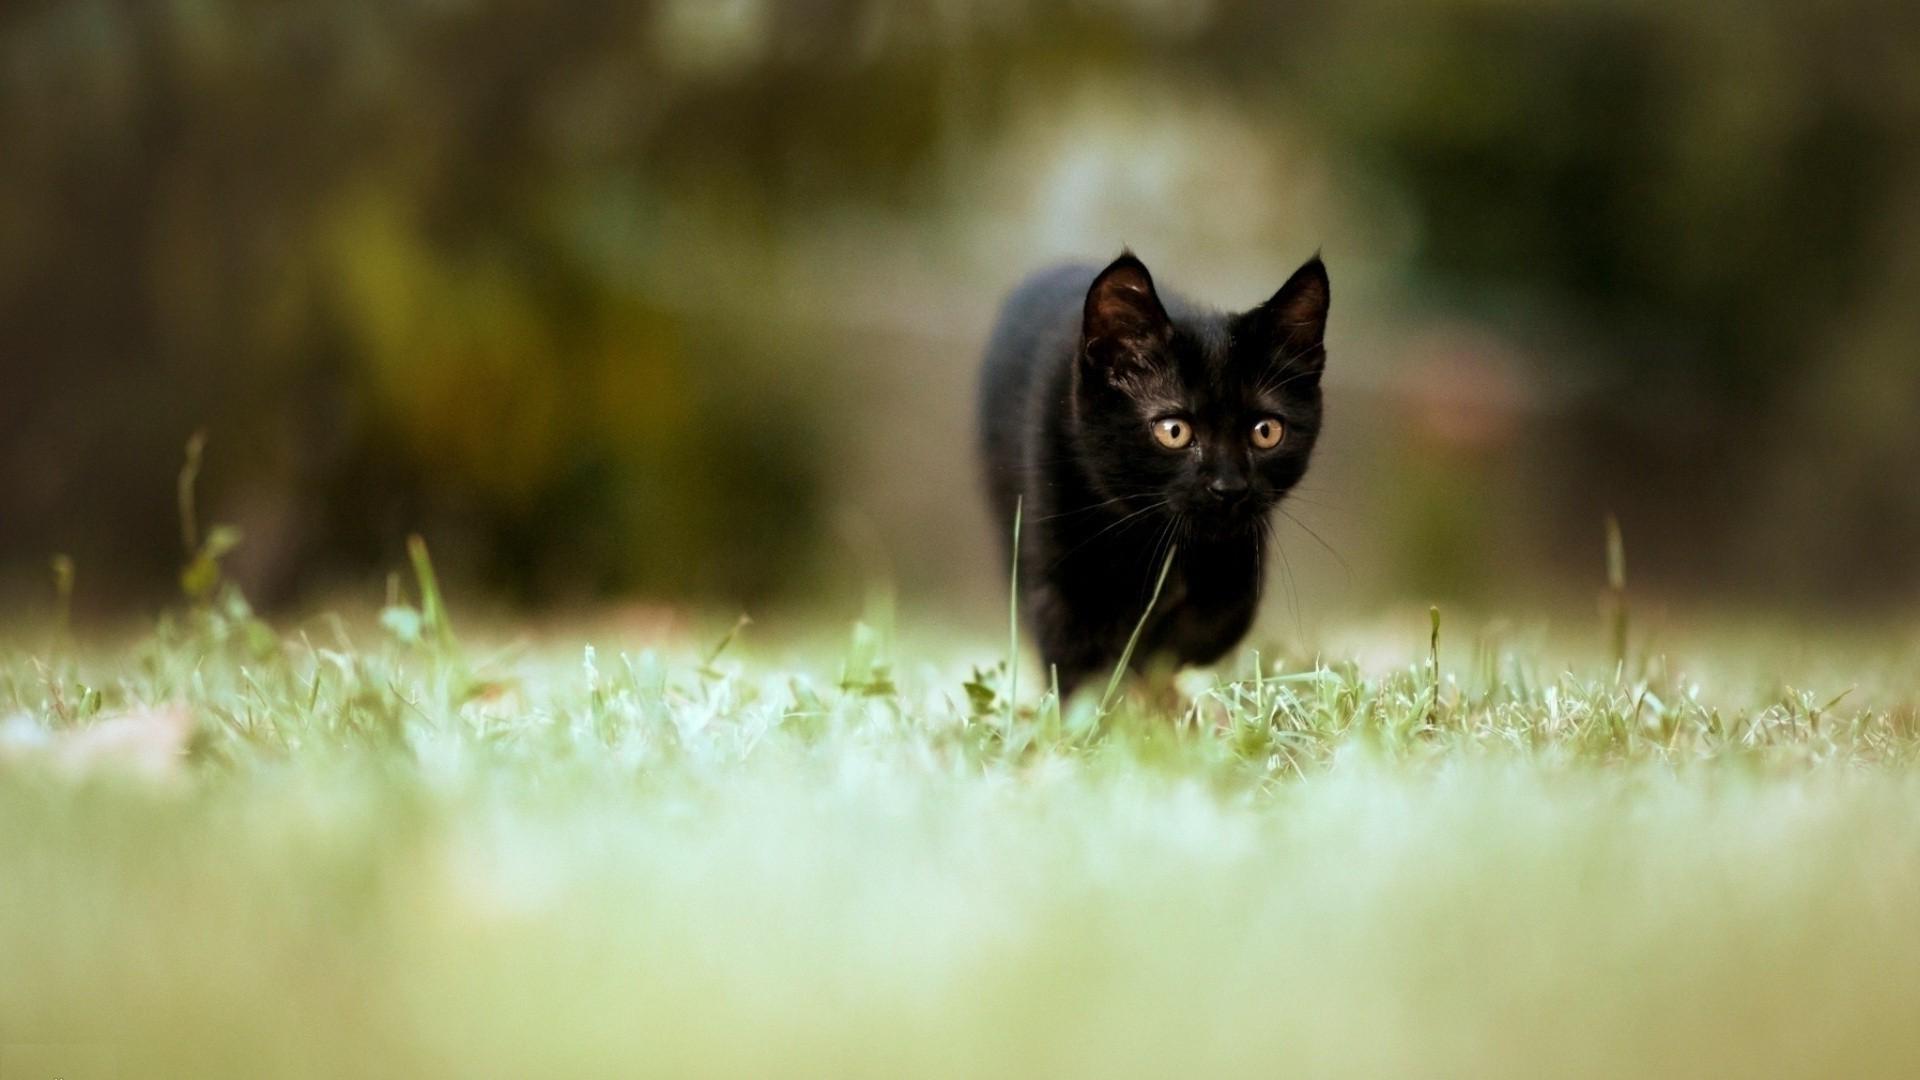 Black Cat 1080p background